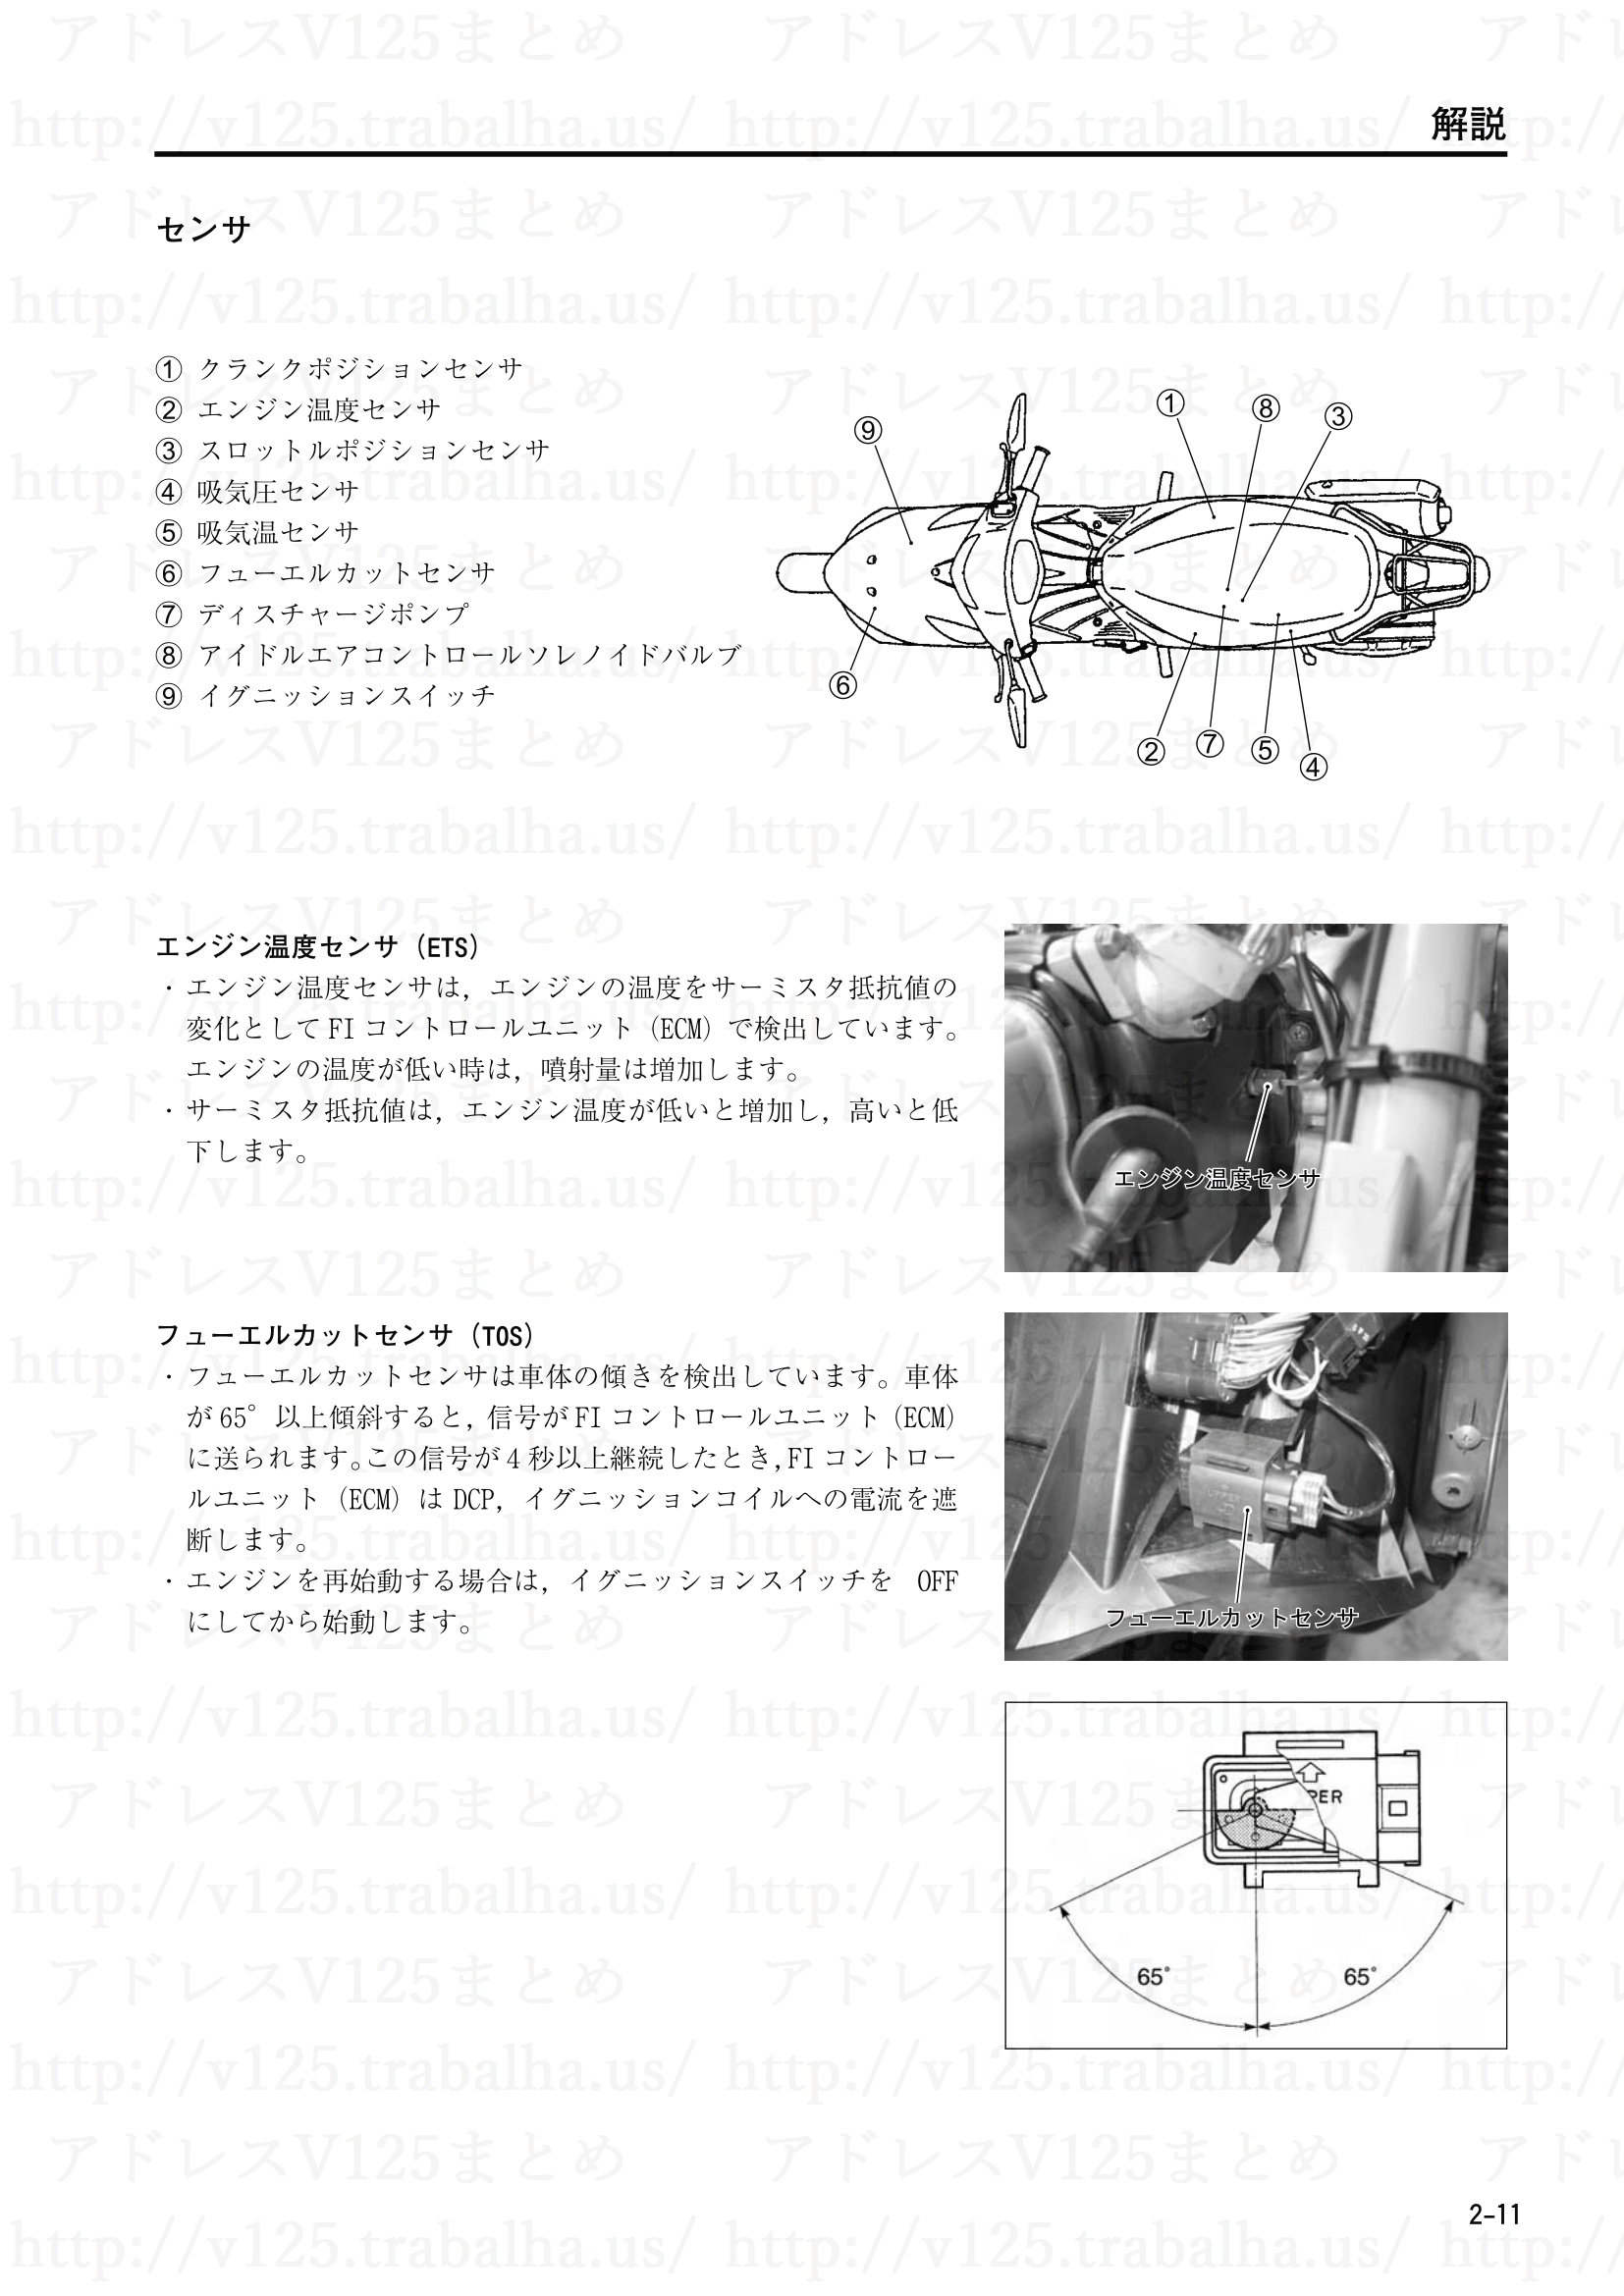 2-11【解説】センサ1